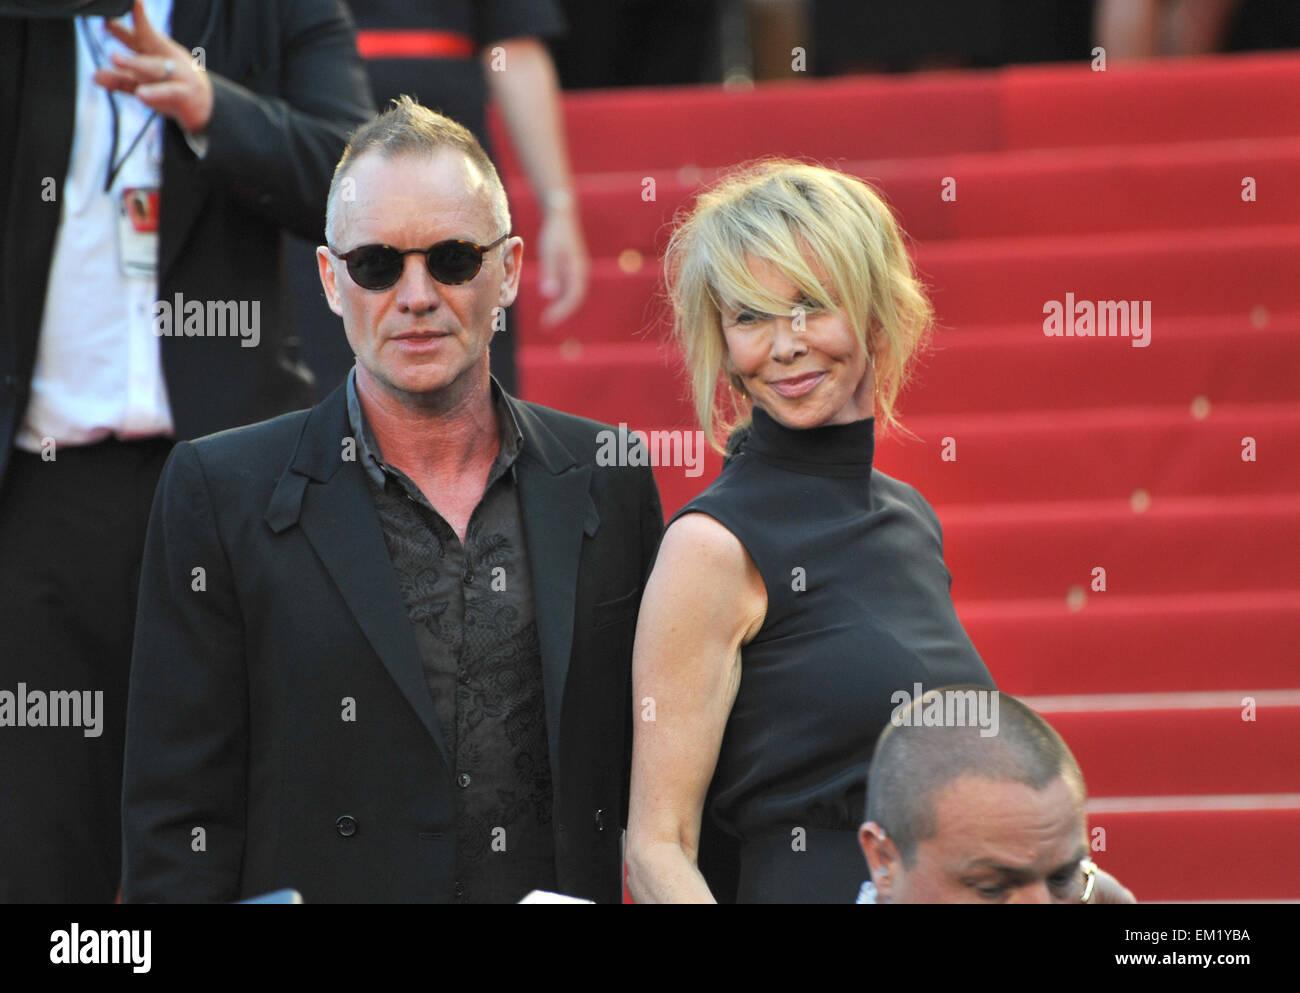 """CANNES, Frankreich - 26. Mai 2012: Sting & Trudie Styler bei der Gala-Vorführung von """"Schlamm"""" in Cannes. 26. Mai Stockfoto"""